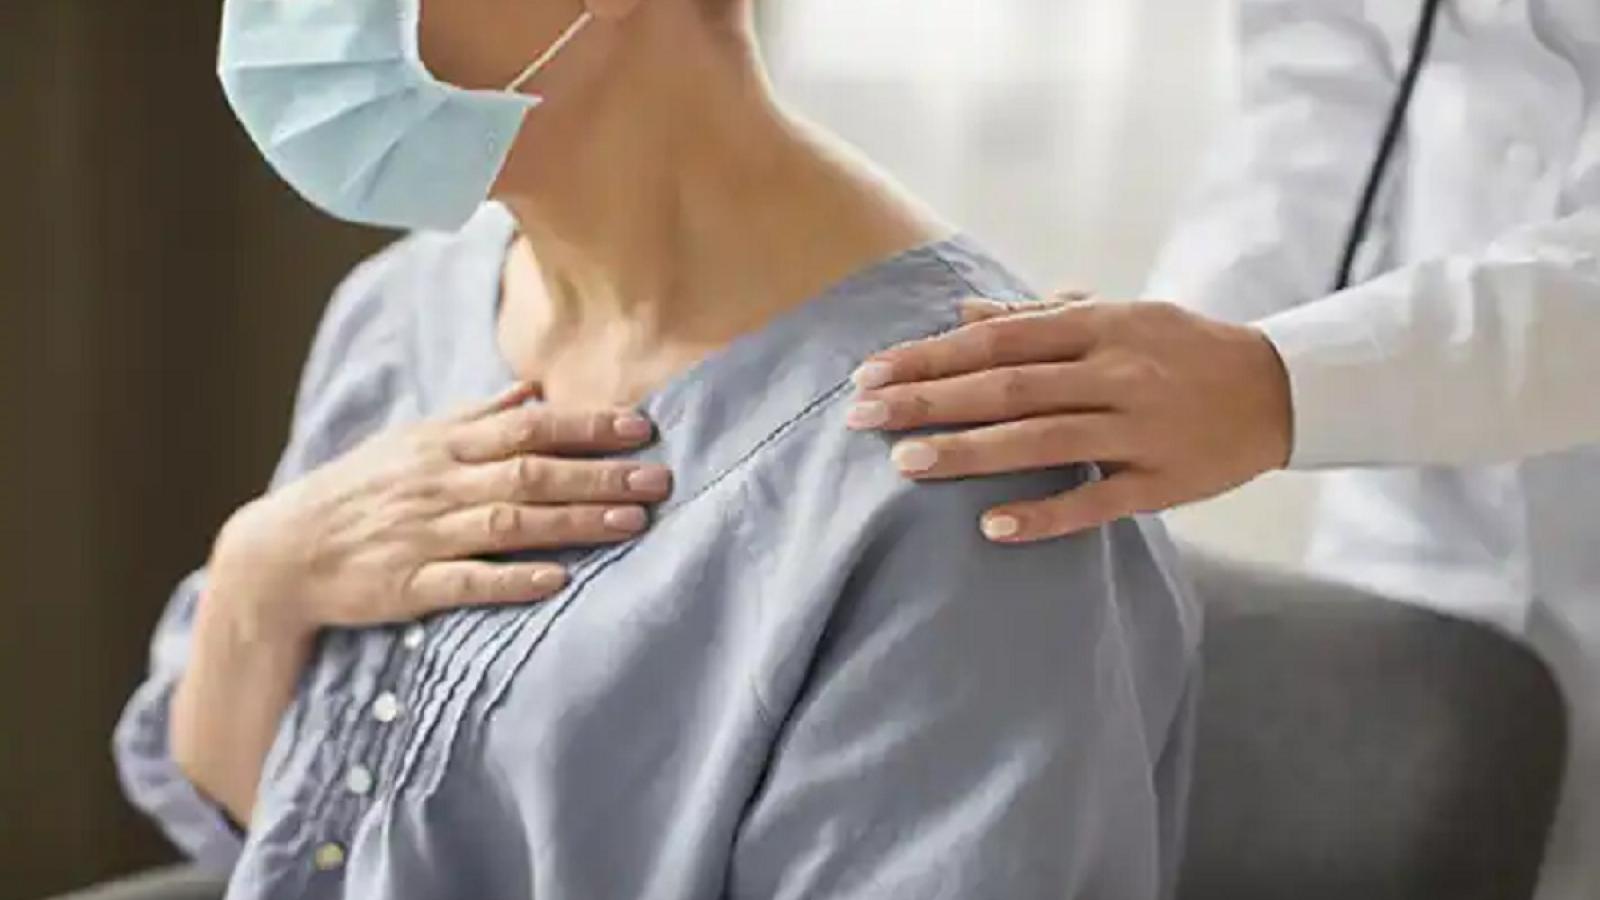 Tiêm chủng đầy đủ giúp giảm nguy cơ nhập viện và mắc COVID-19 kéo dài